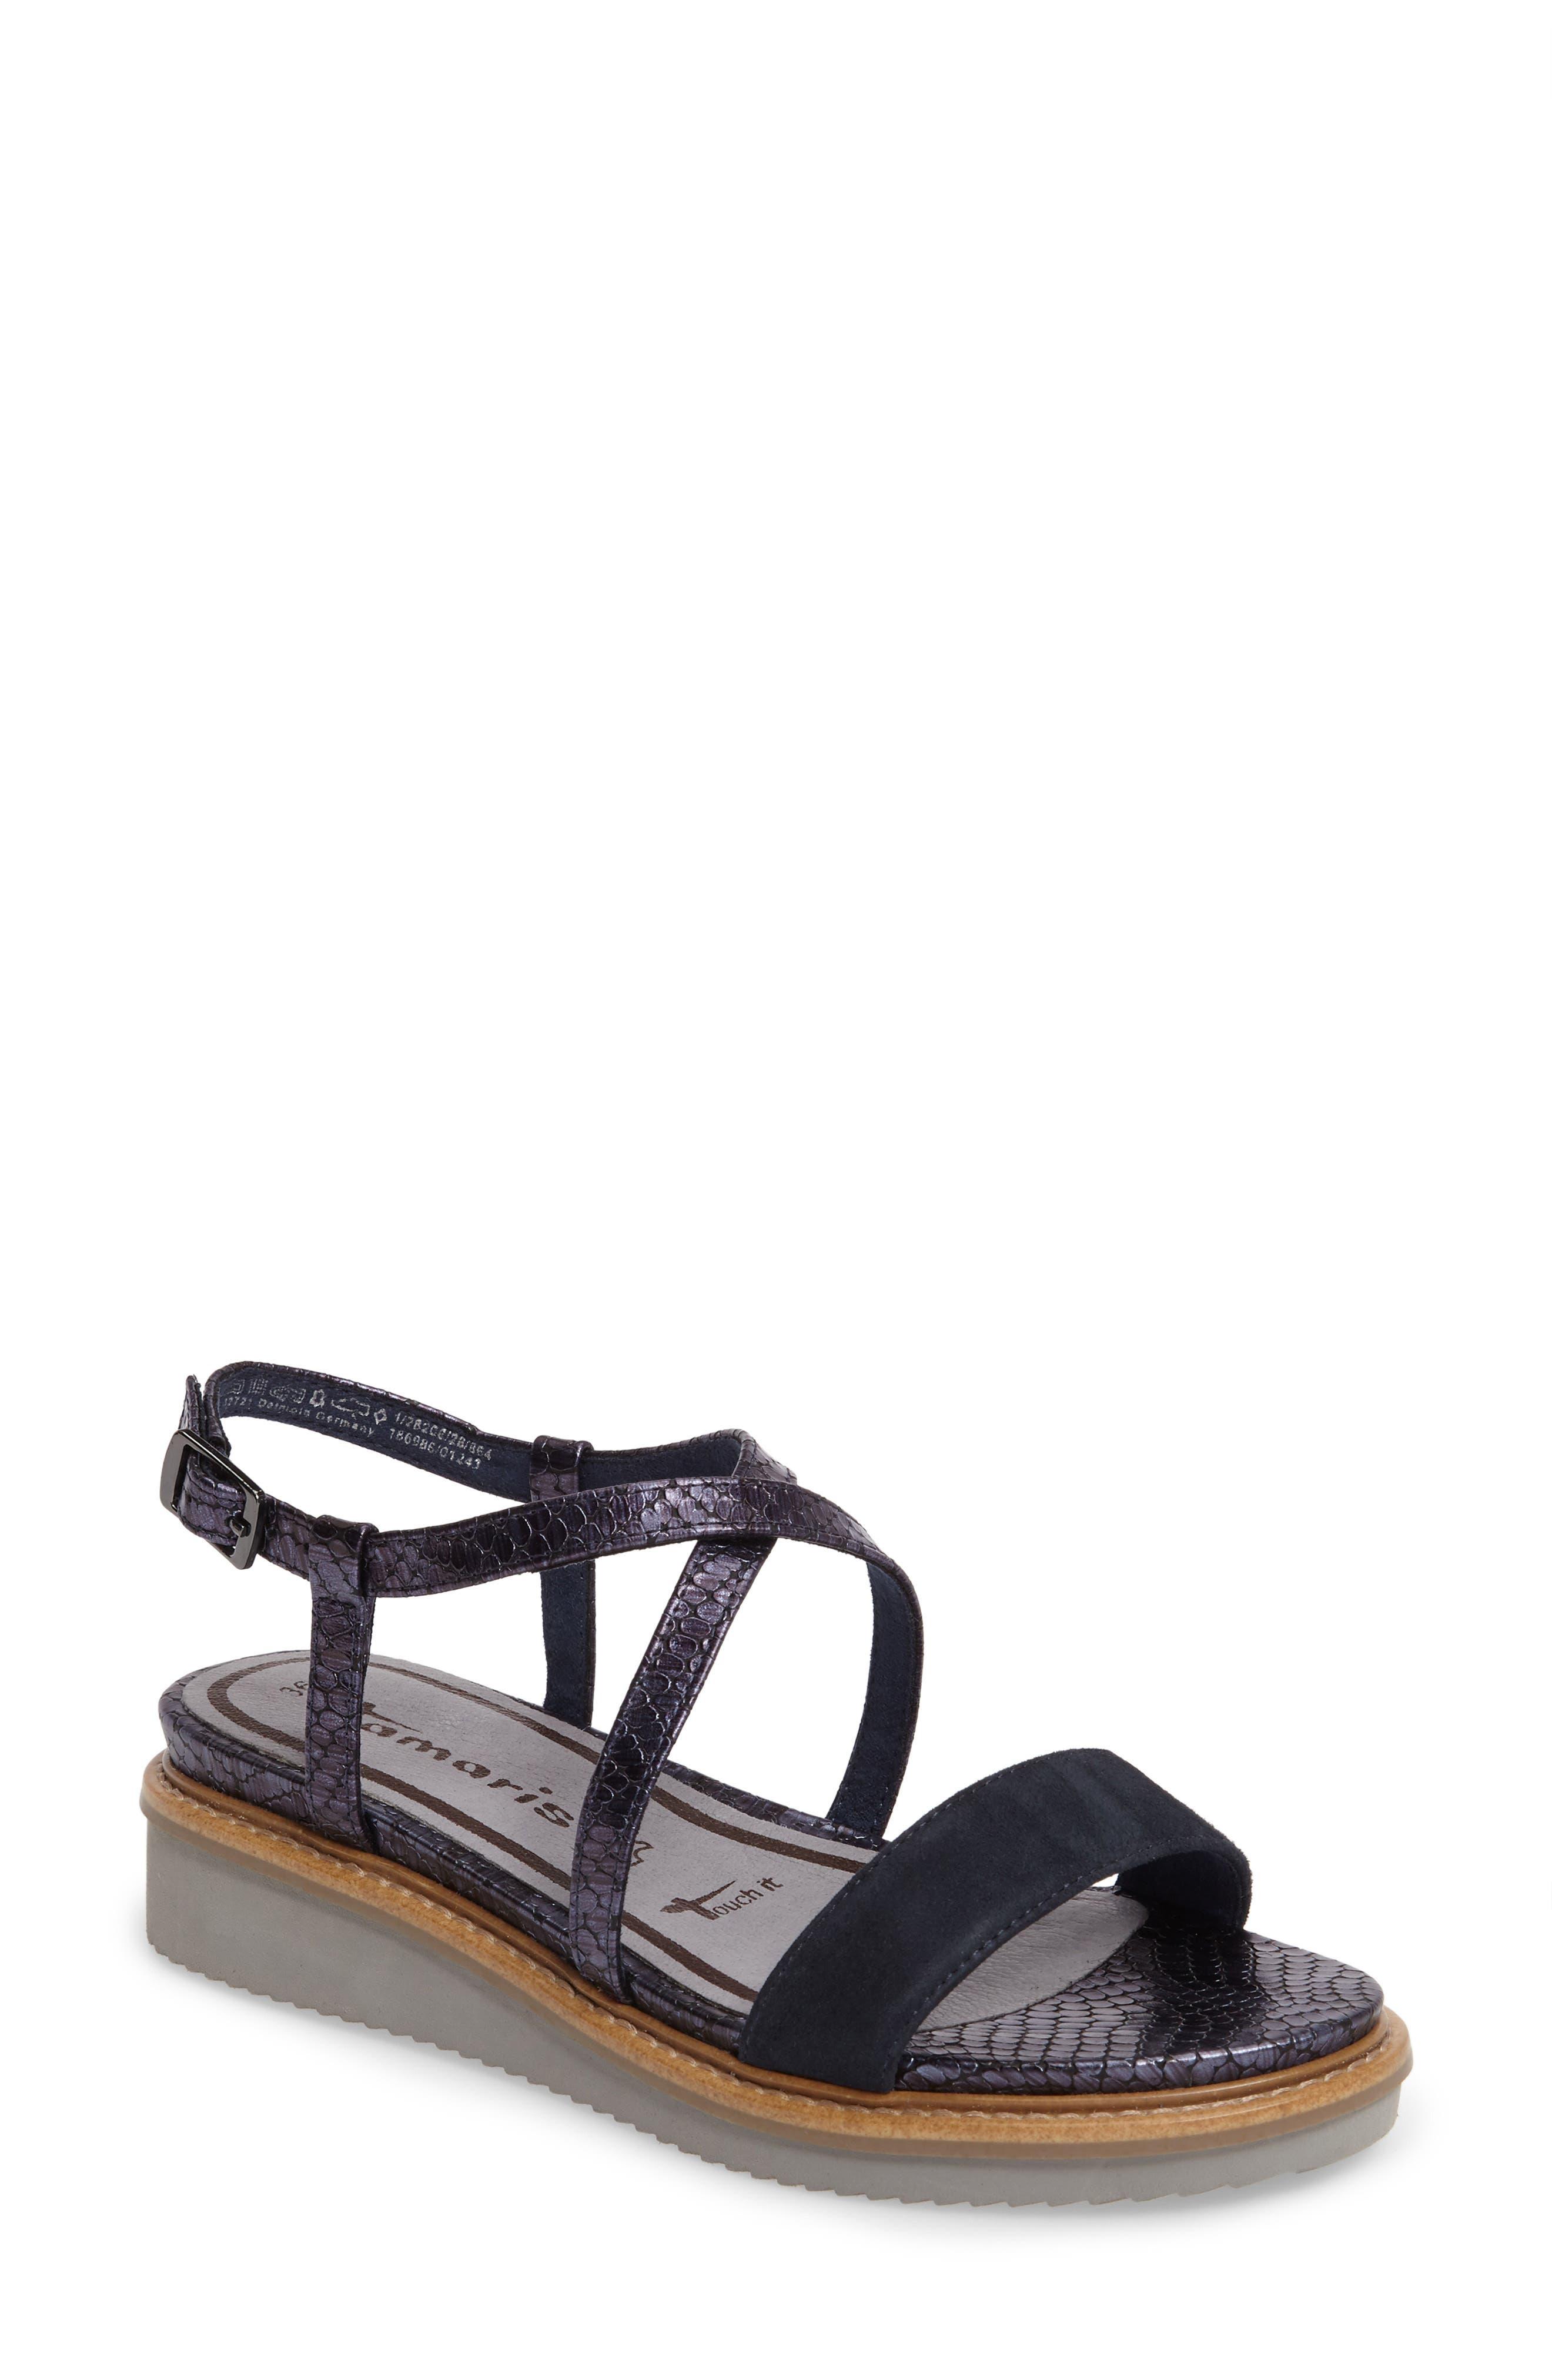 Tamaris Women's 'Eda' Platform Wedge Sandal